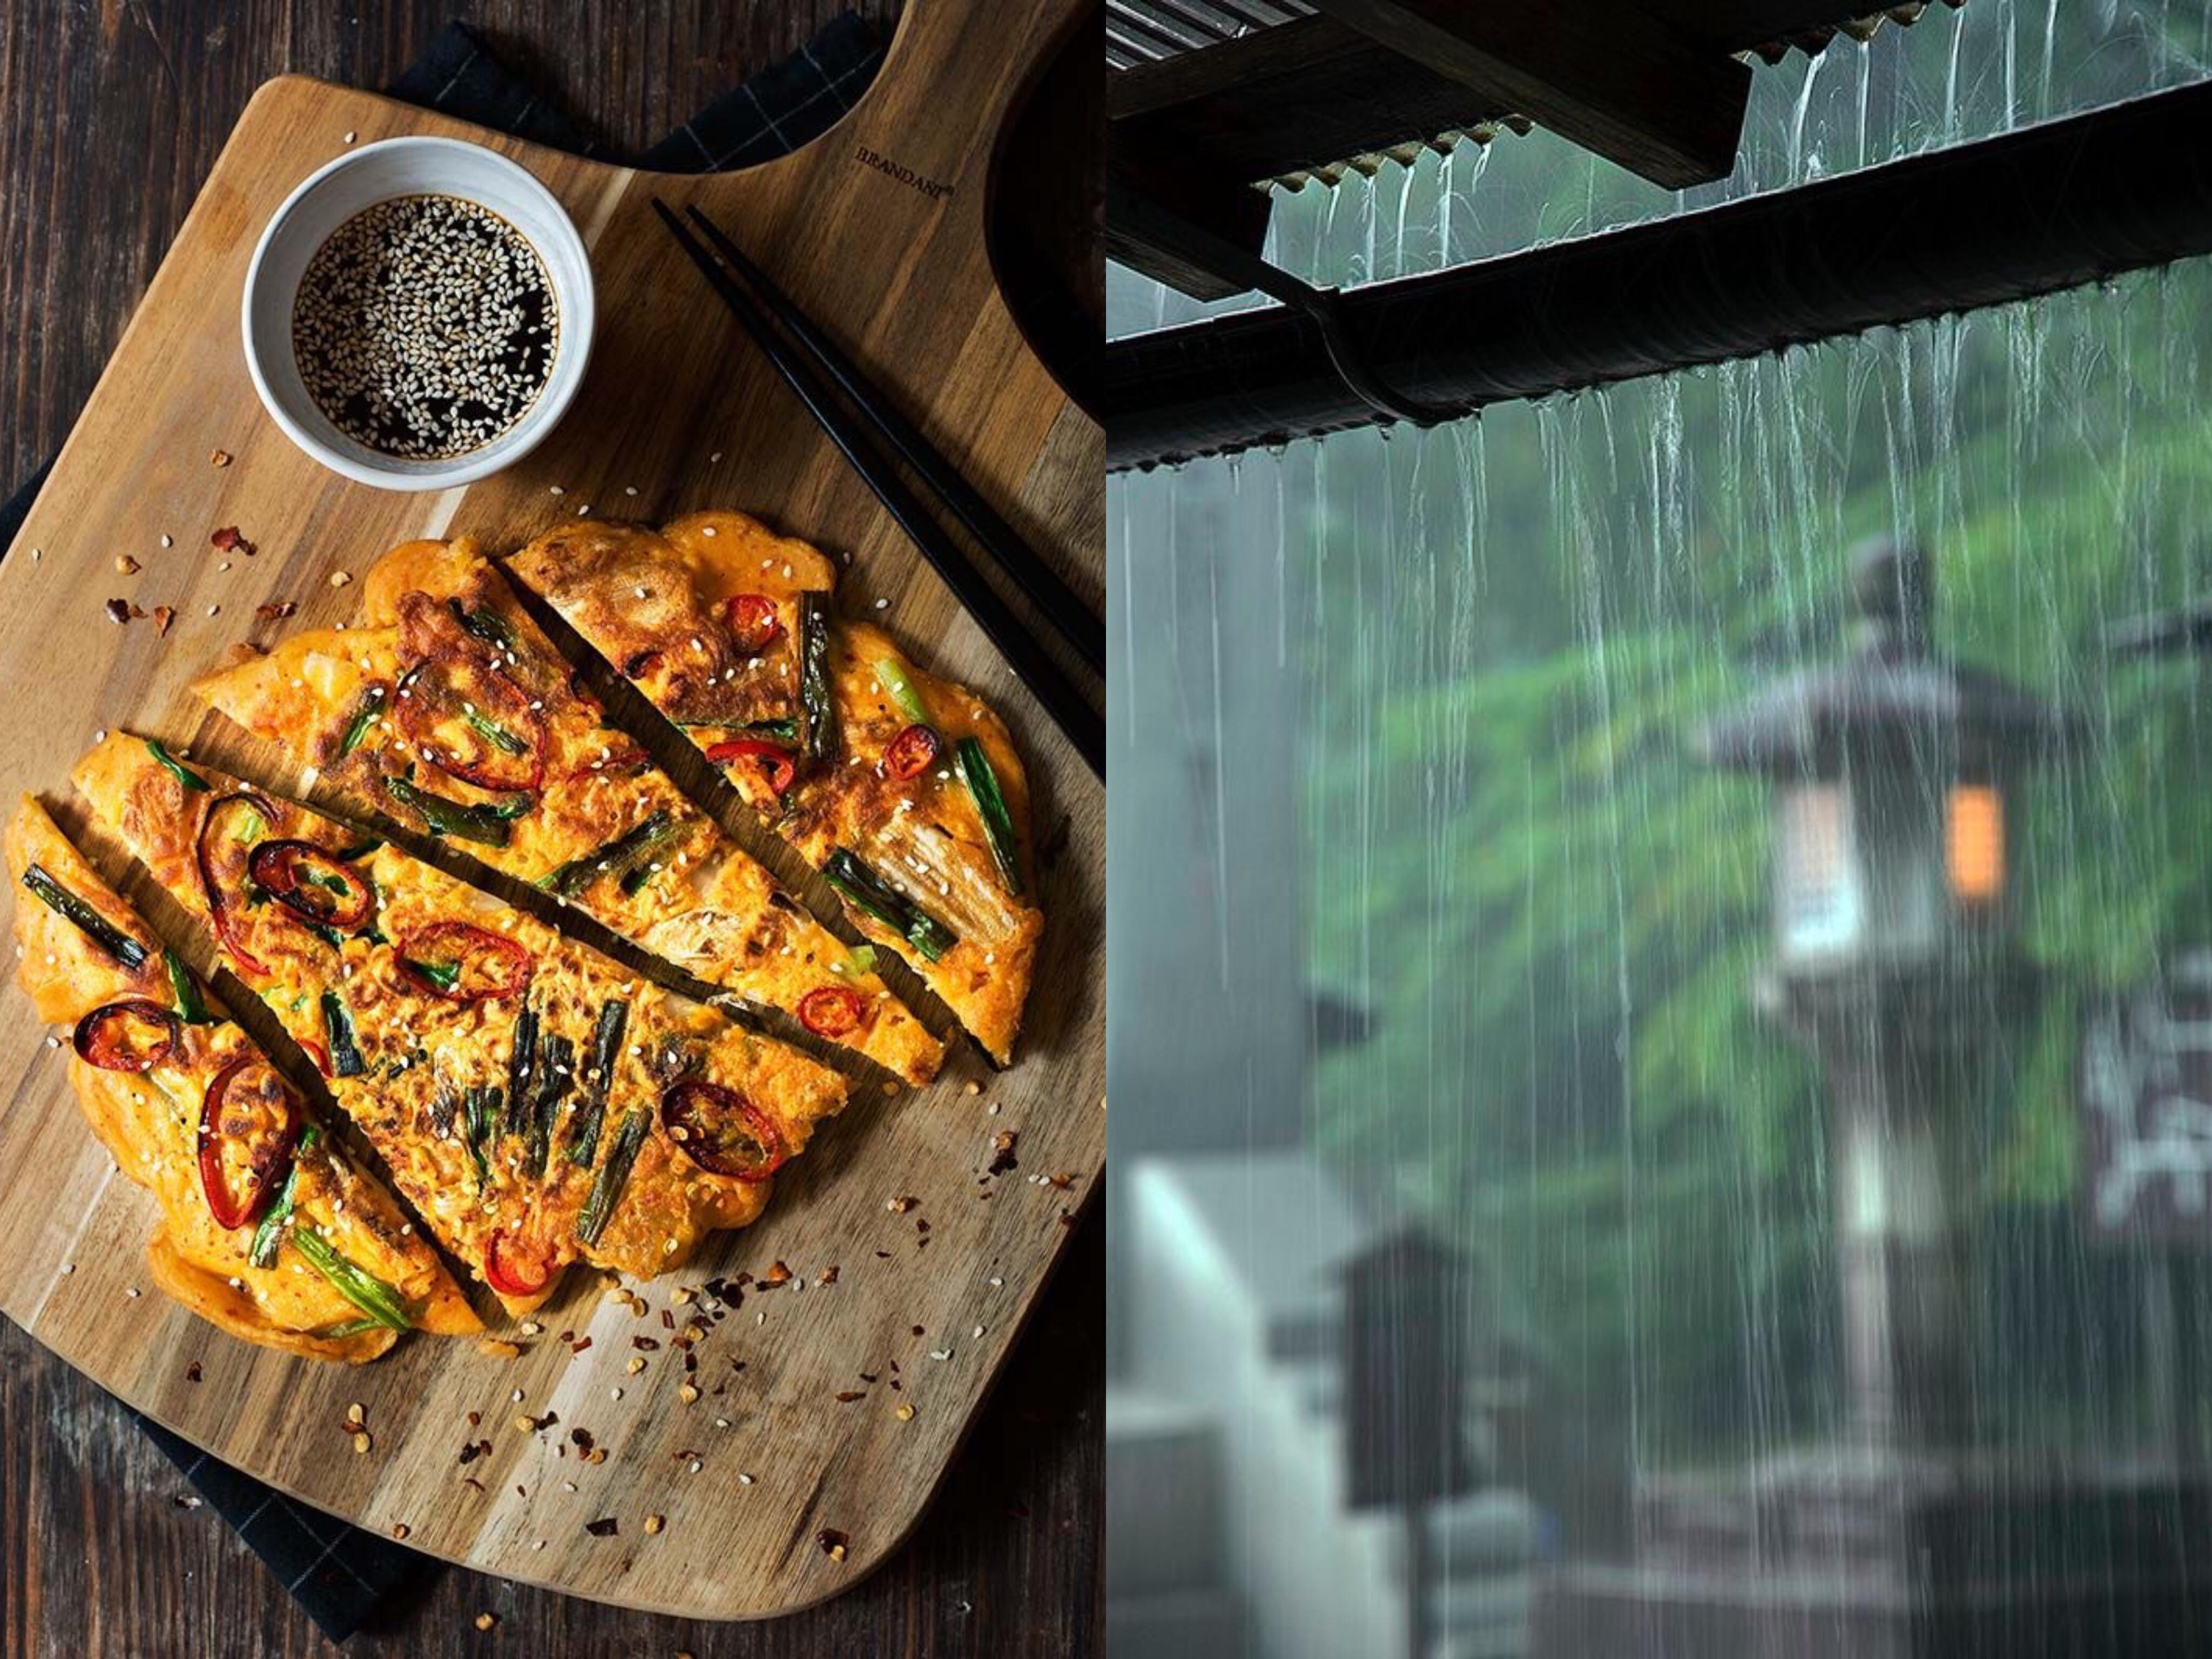 Ở Hàn Quốc, người ta còn có cả một món ăn dành riêng cho trời mưa - Ảnh 1.